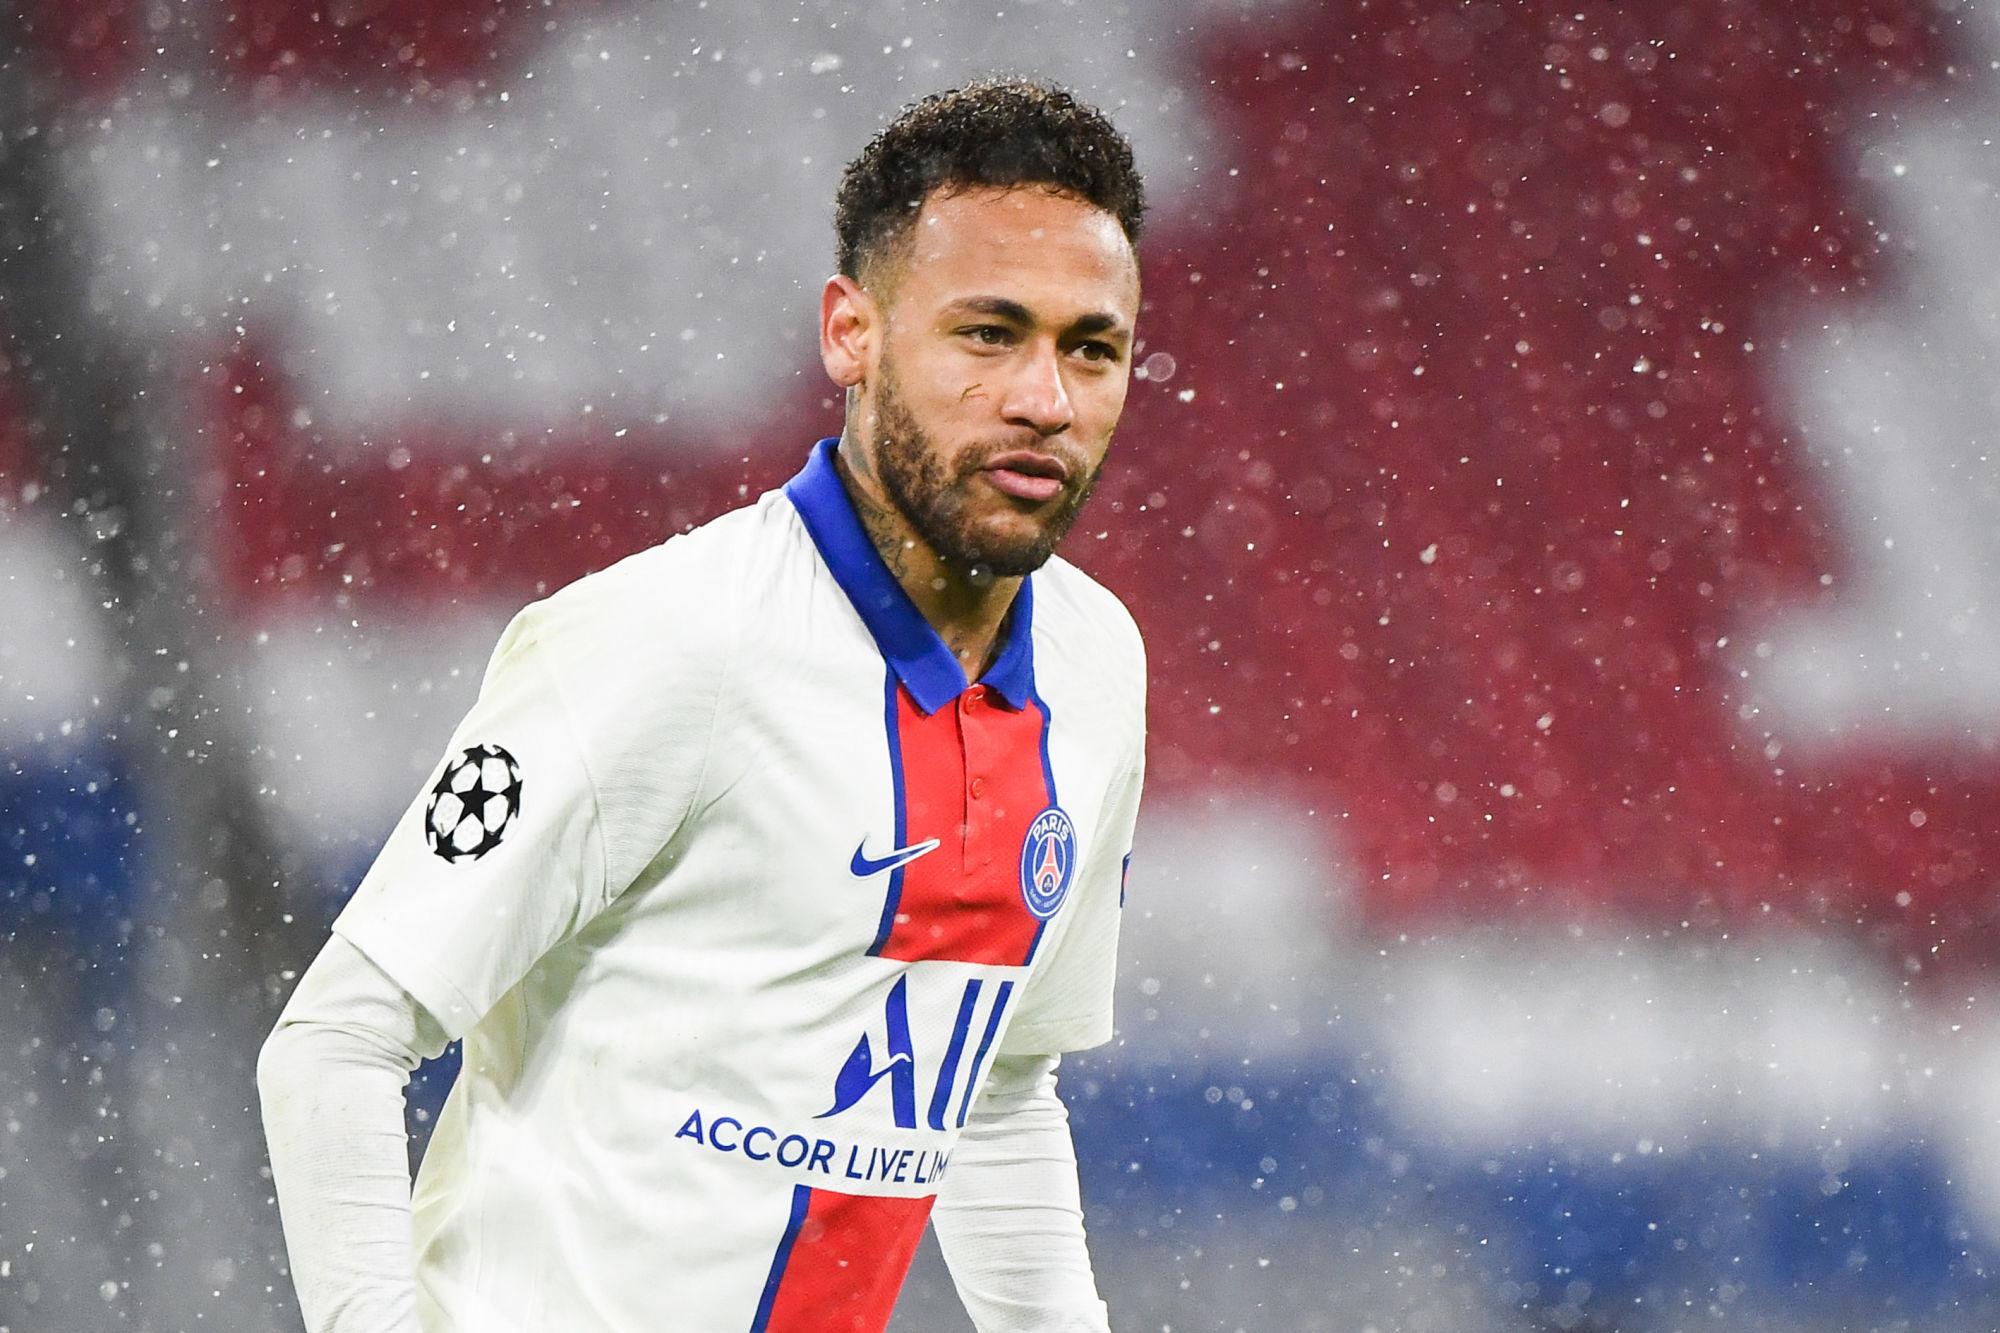 """Pagliari évoque la prolongation de Neymar """"la presse espagnole parle de n'importe quoi"""""""